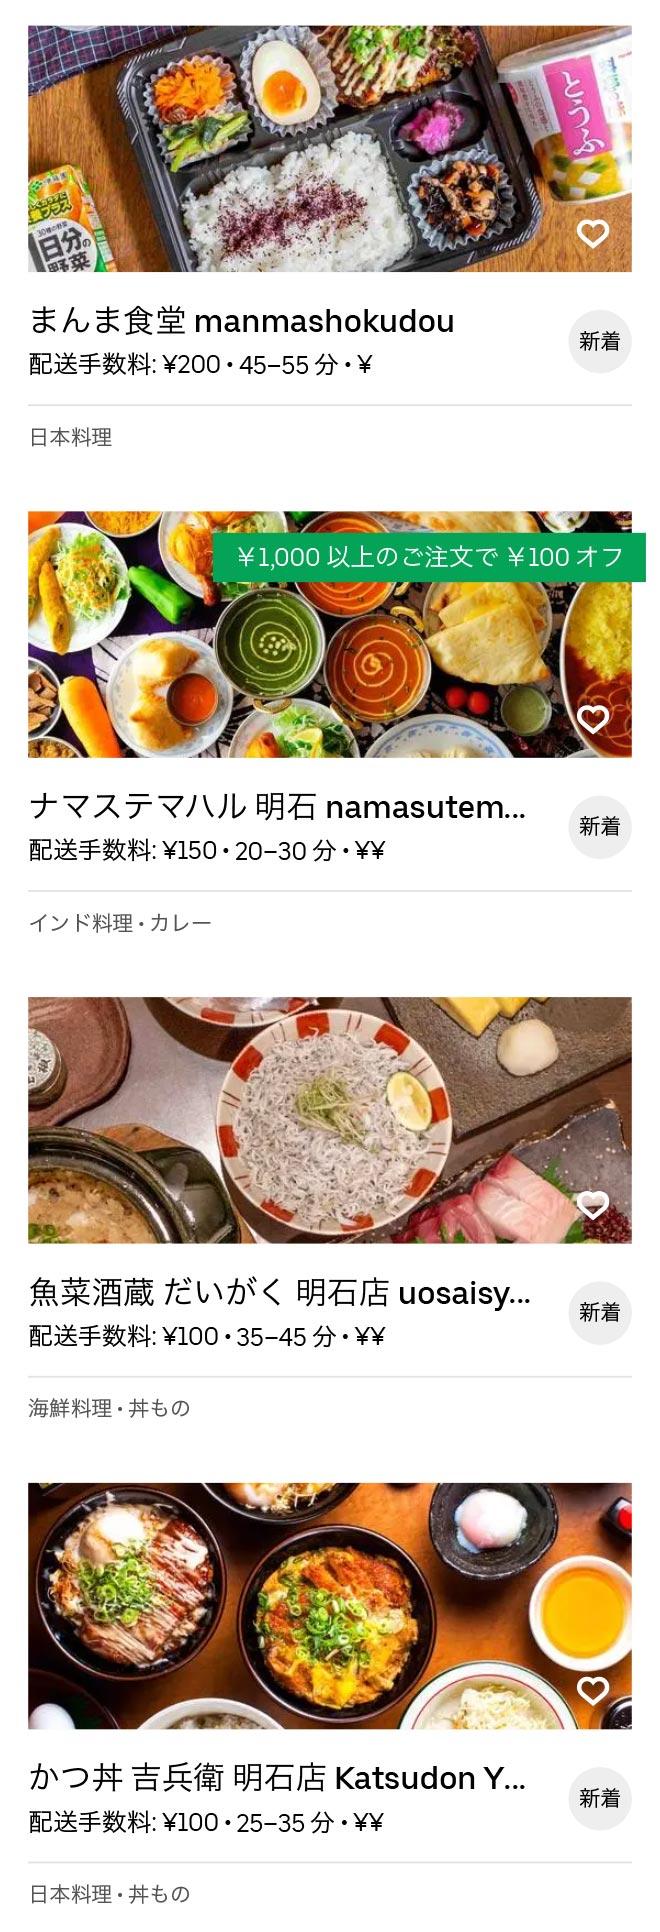 Sanyo akashi menu 2010 02